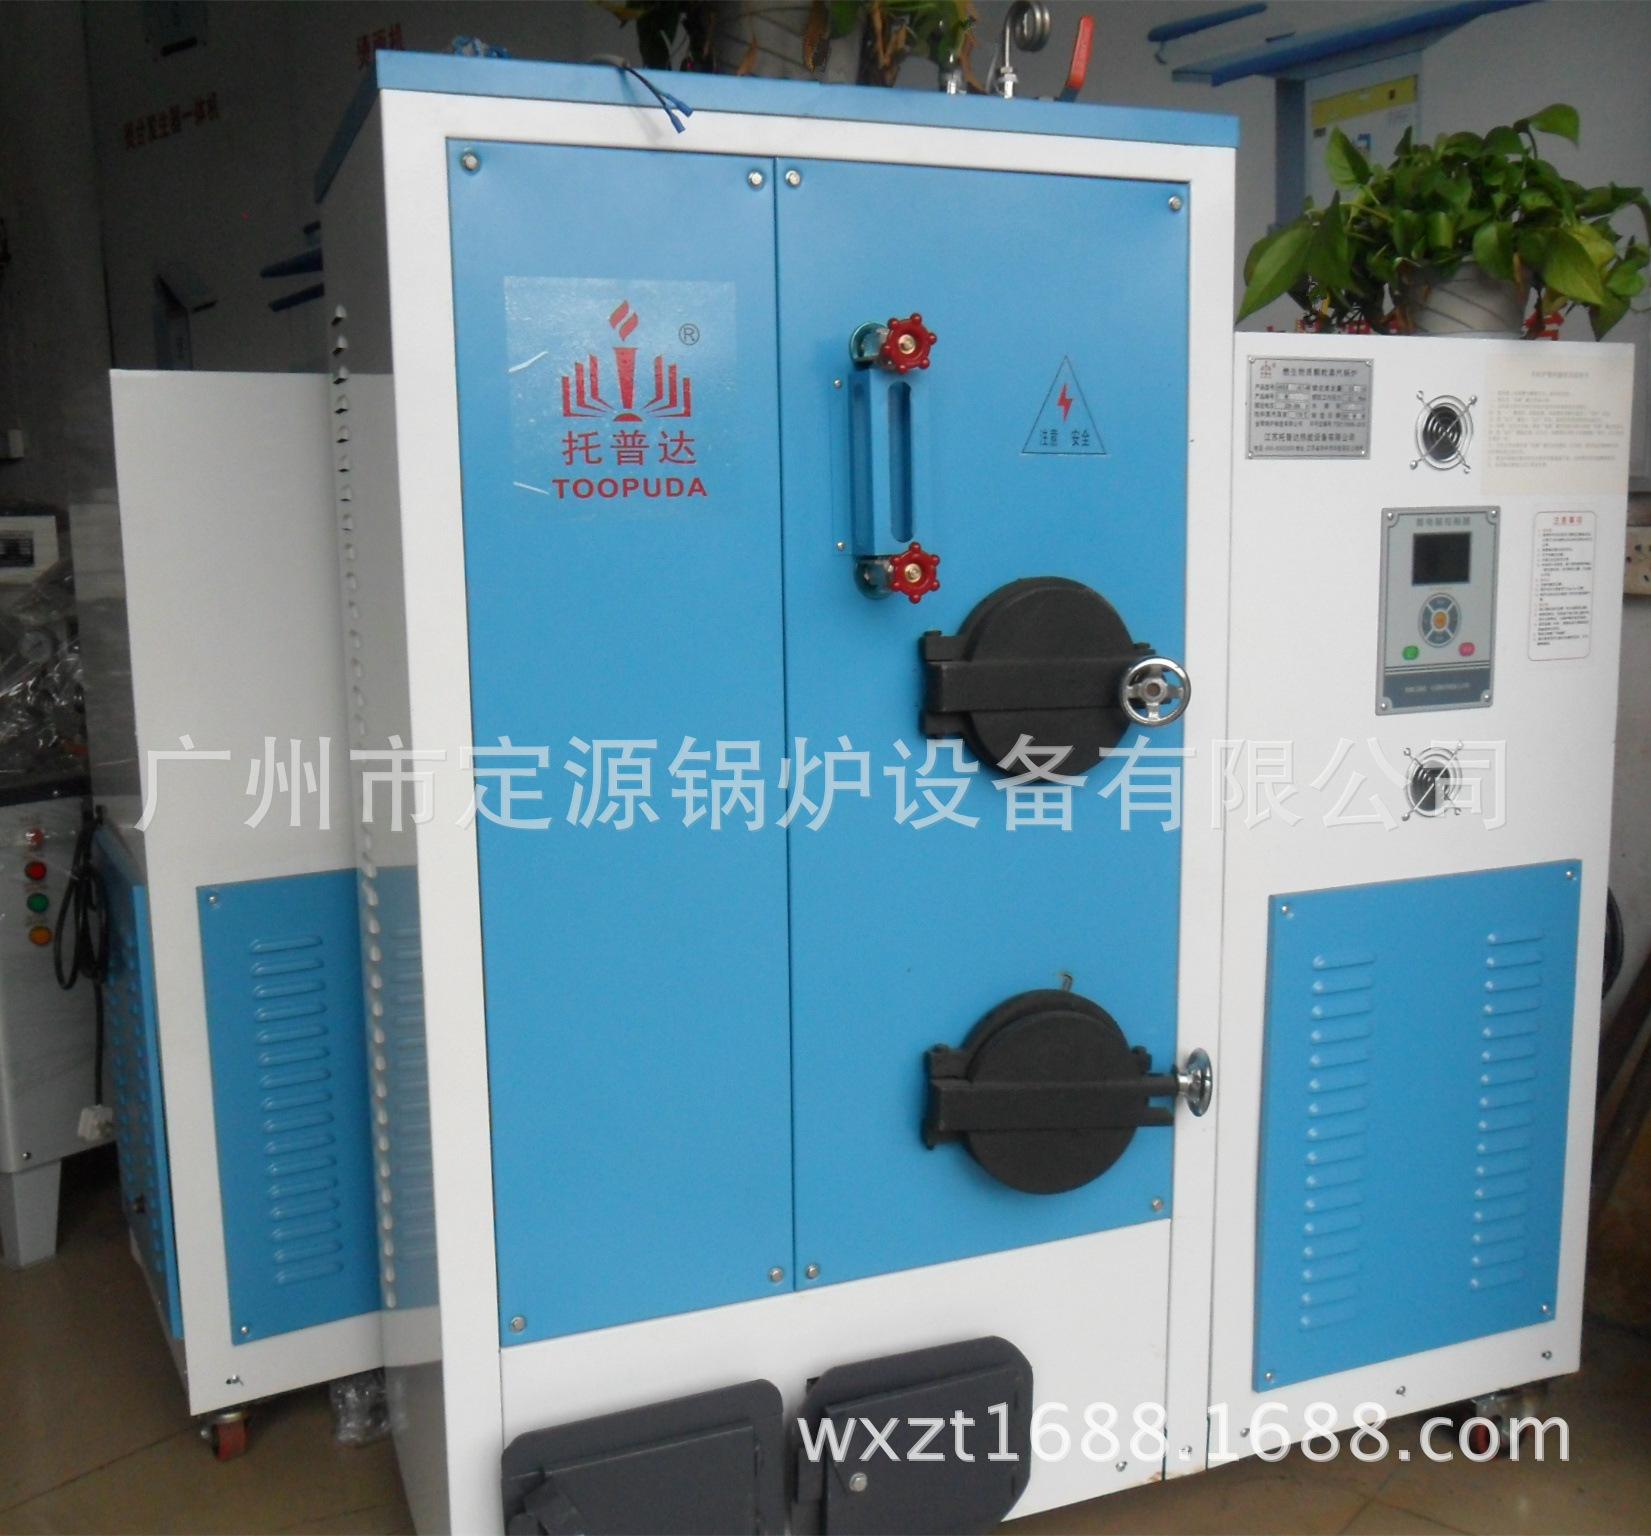 生物质蒸汽锅炉 燃蒸汽锅炉,环保生物质蒸汽锅炉 阿里巴巴